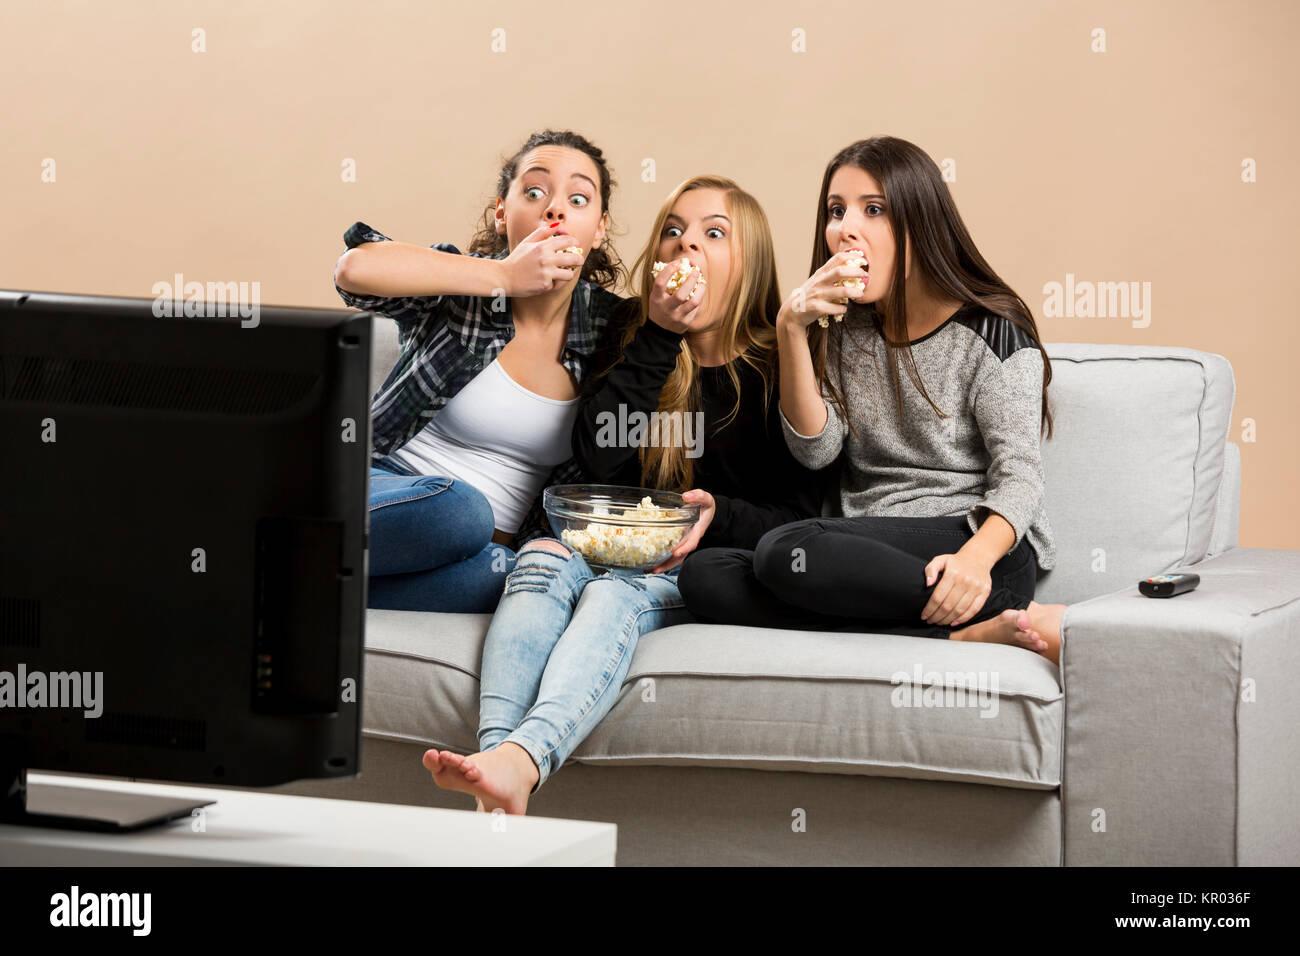 Peur de regarder des films chez les adolescentes Photo Stock